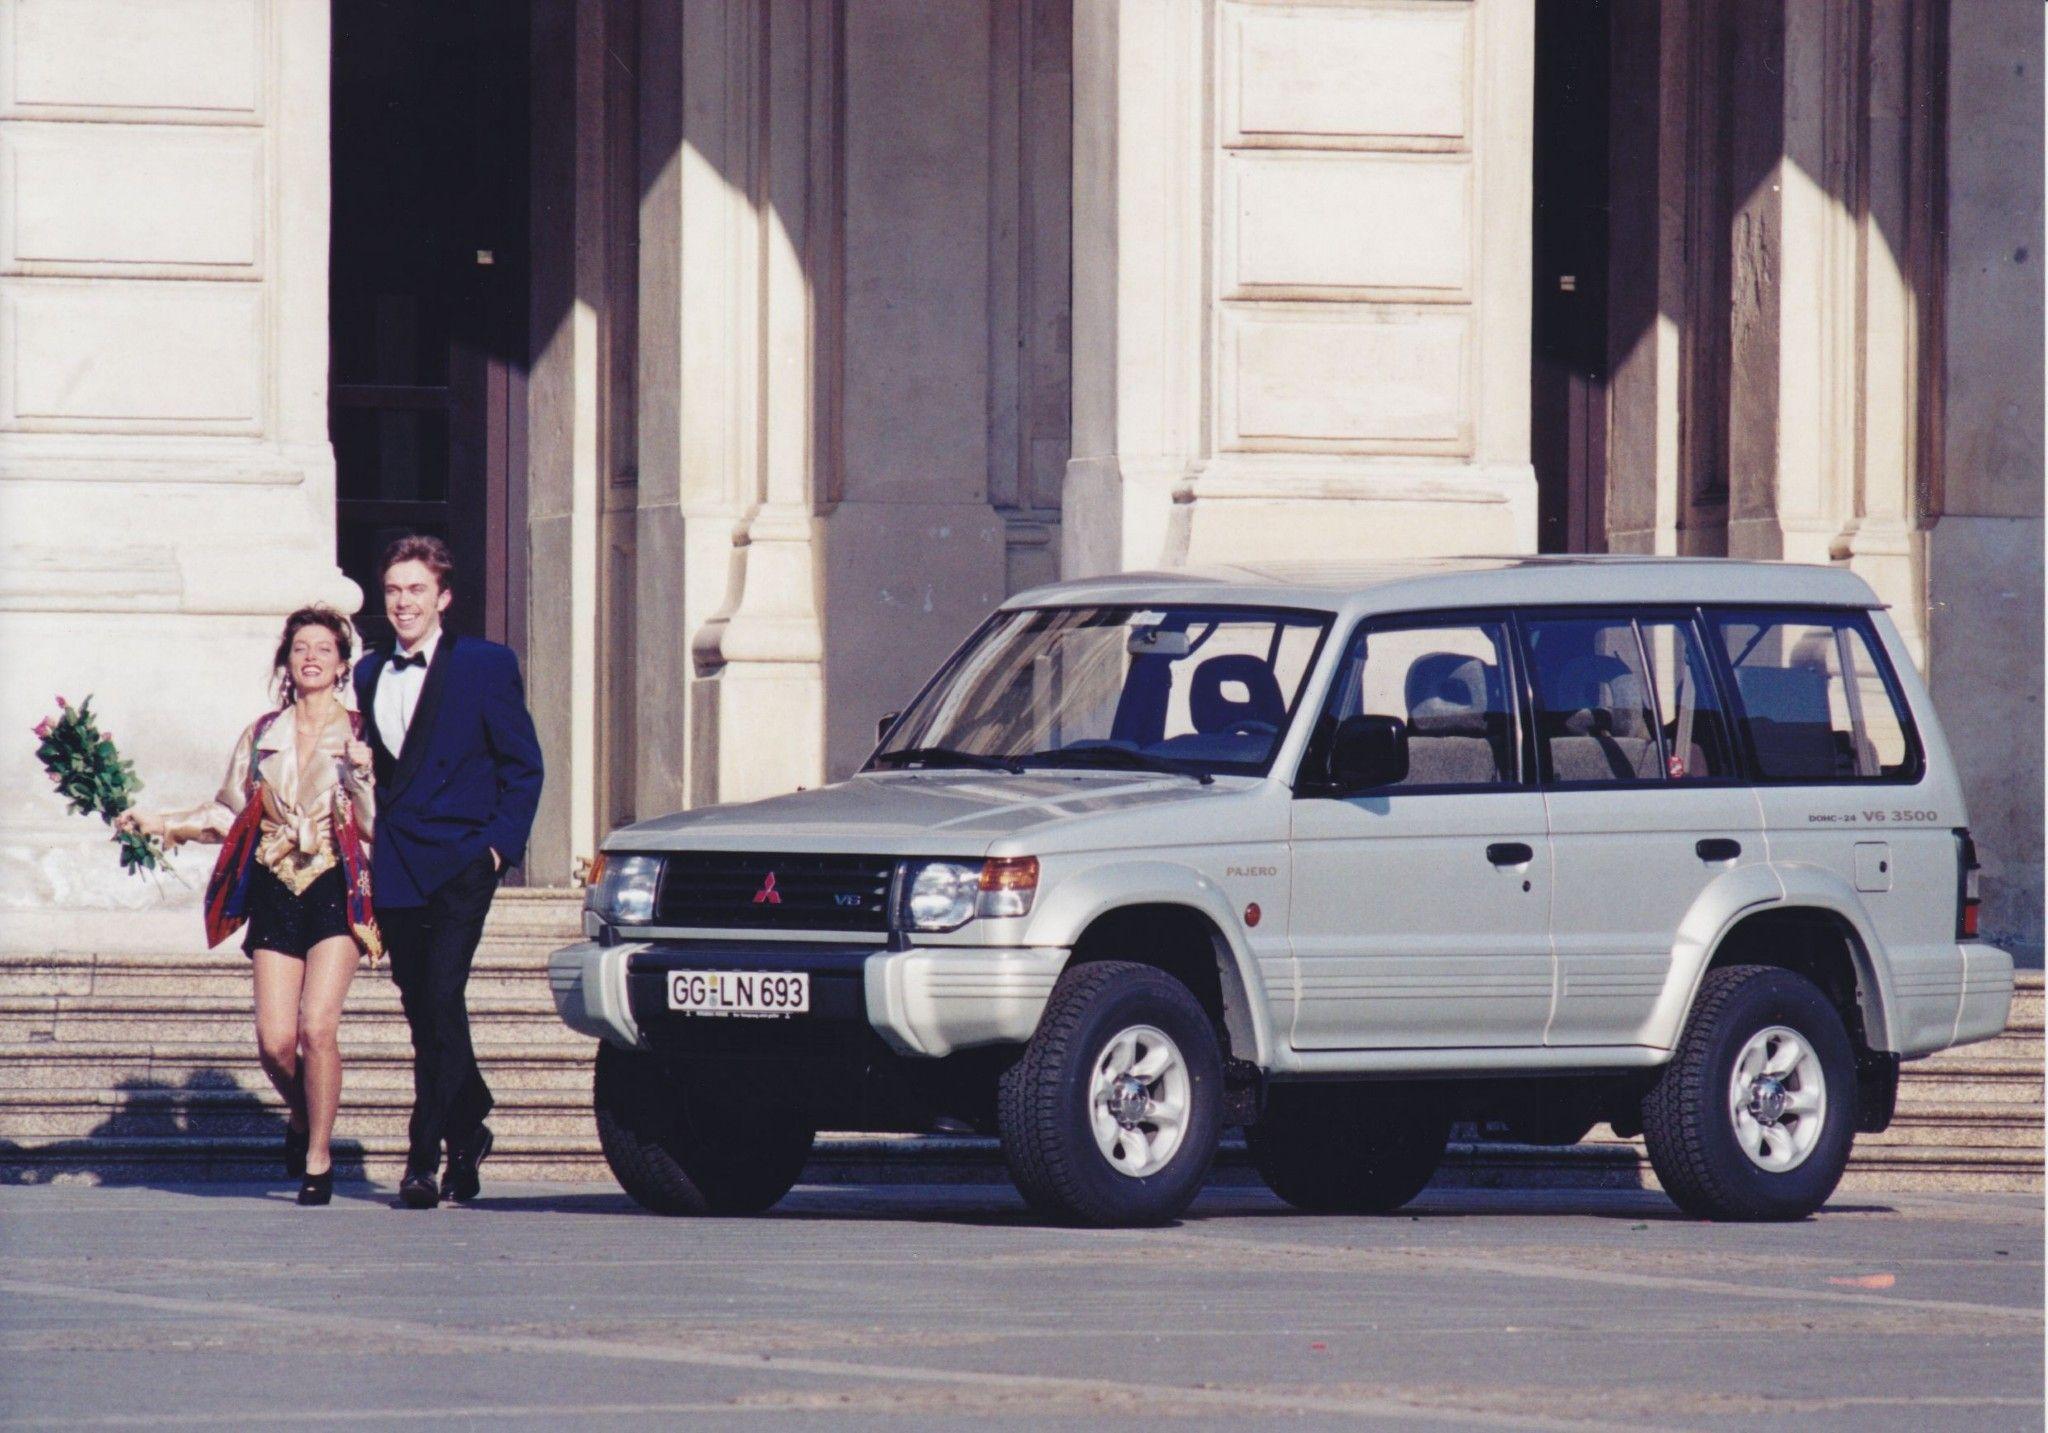 Mitsubishi Pajero Wagon 1991 97 In 2020 Mitsubishi Pajero Mitsubishi Car Manufacturers